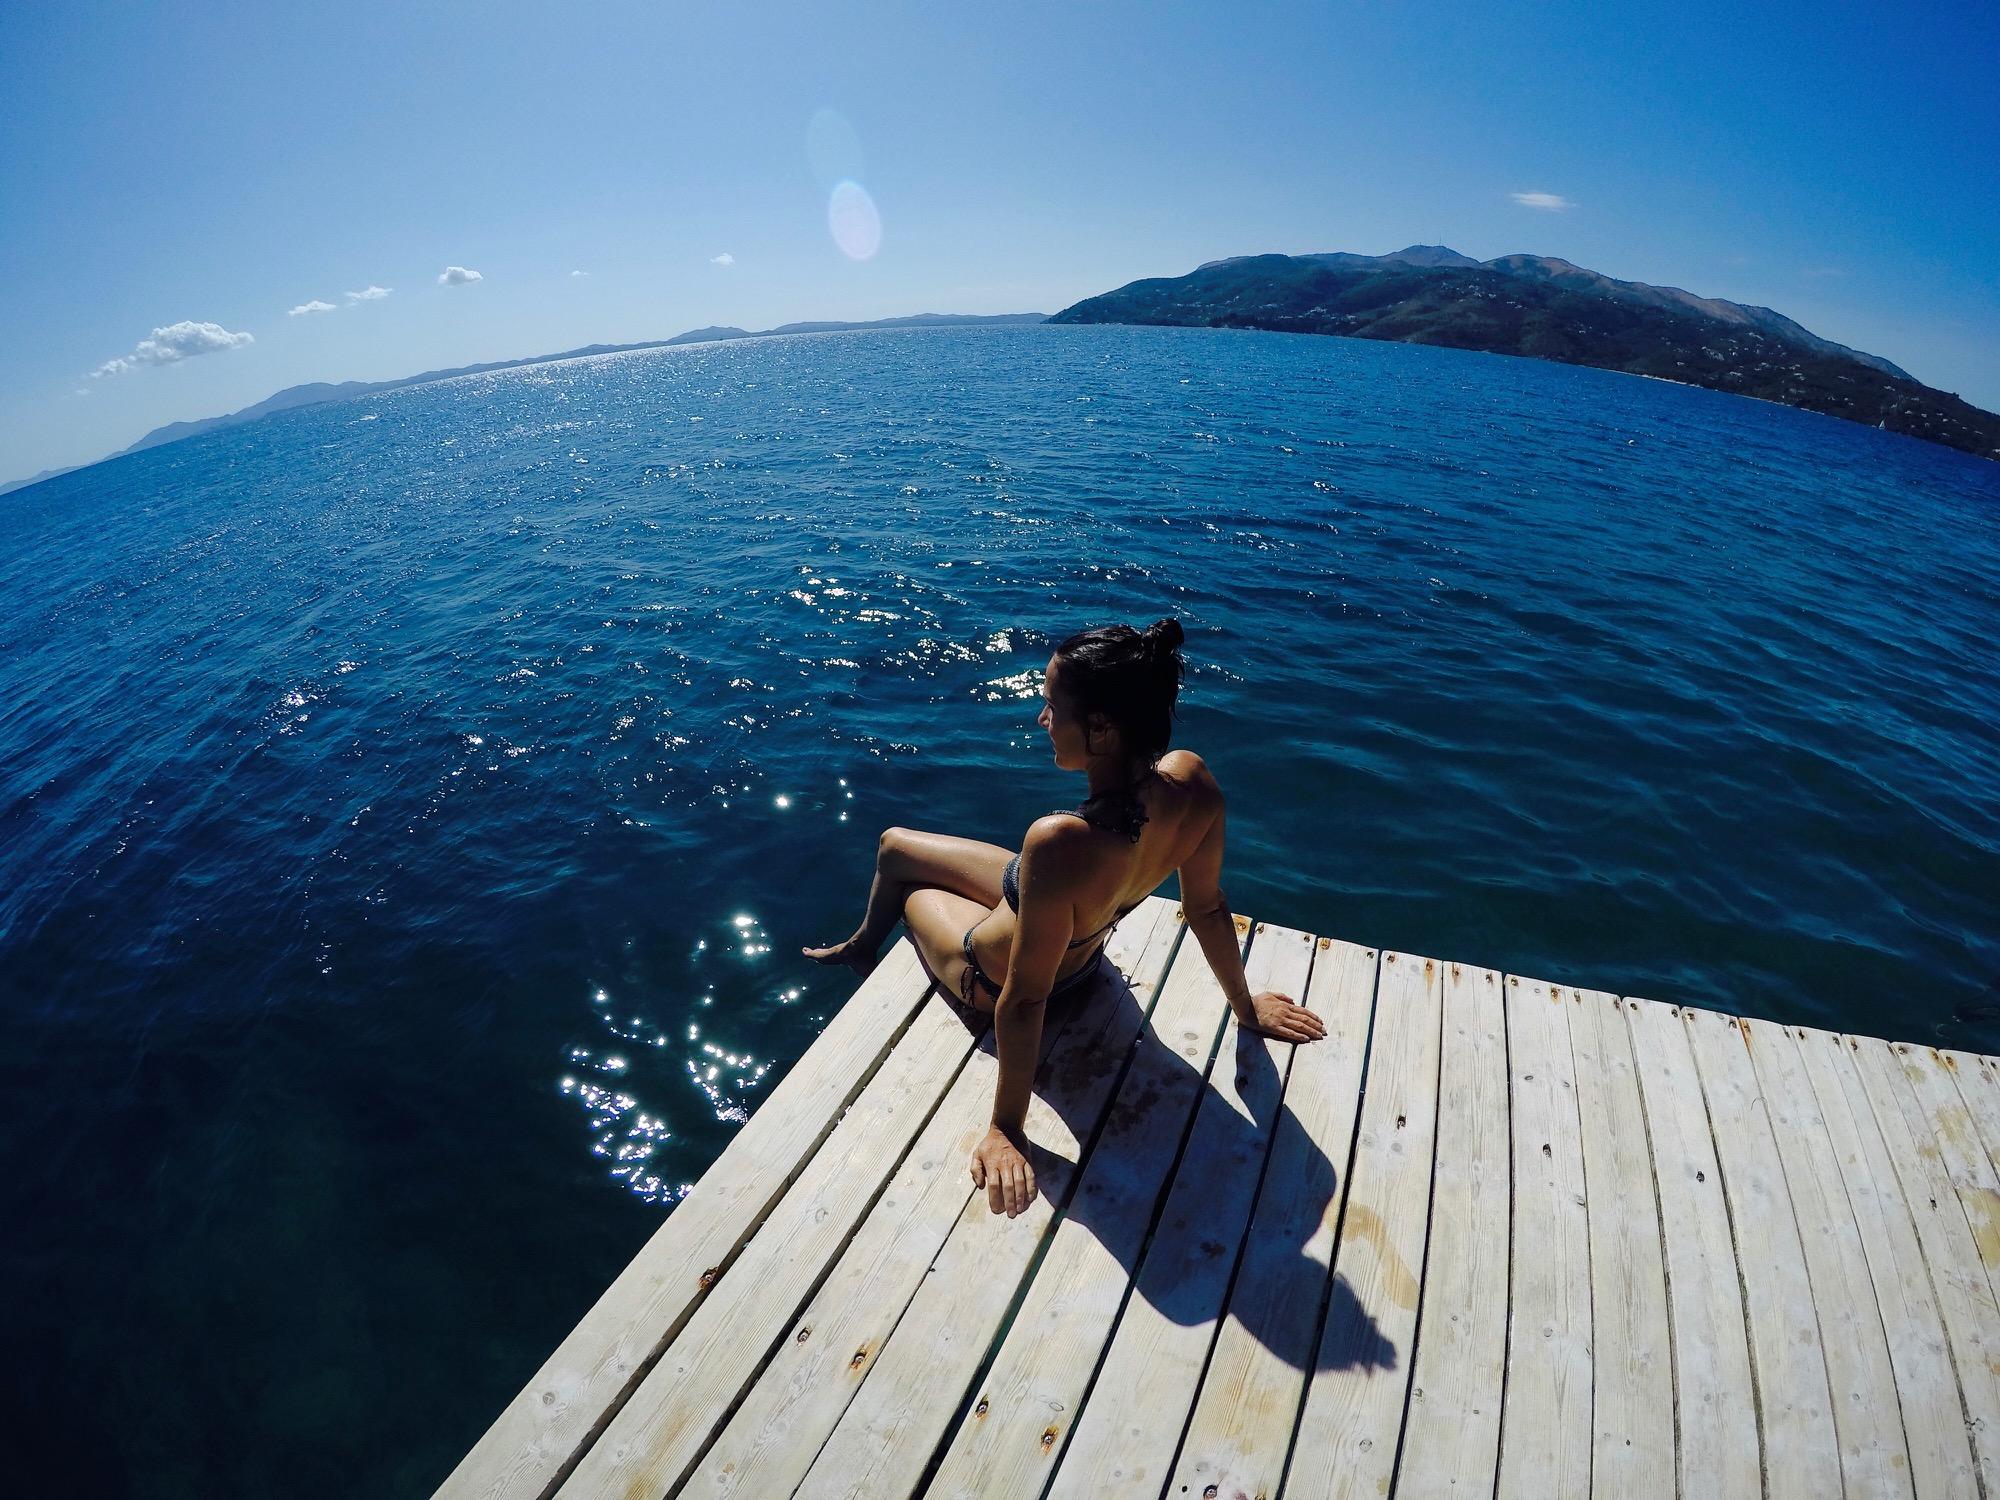 Frau sitzt auf einer Plattform im Meer bei der Pema e Thate Bucht, Albanien